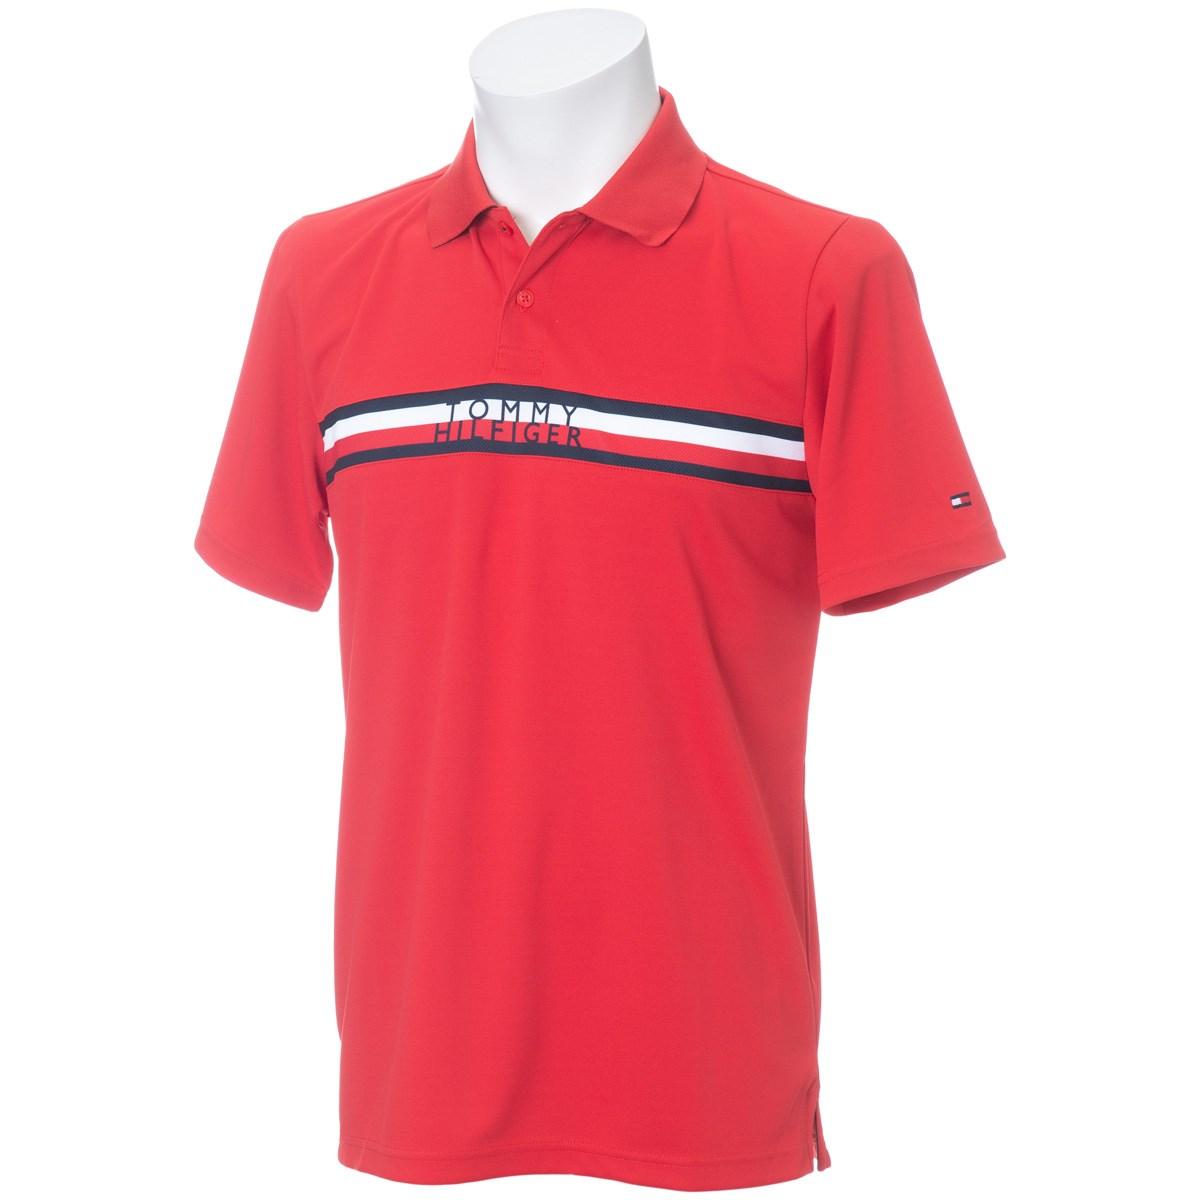 [アウトレット] [50%OFF 在庫限りのお買い得商品] トミー ヒルフィガー ゴルフ シグネチャー 半袖ポロシャツ レッド 40 メンズ ゴルフウェア